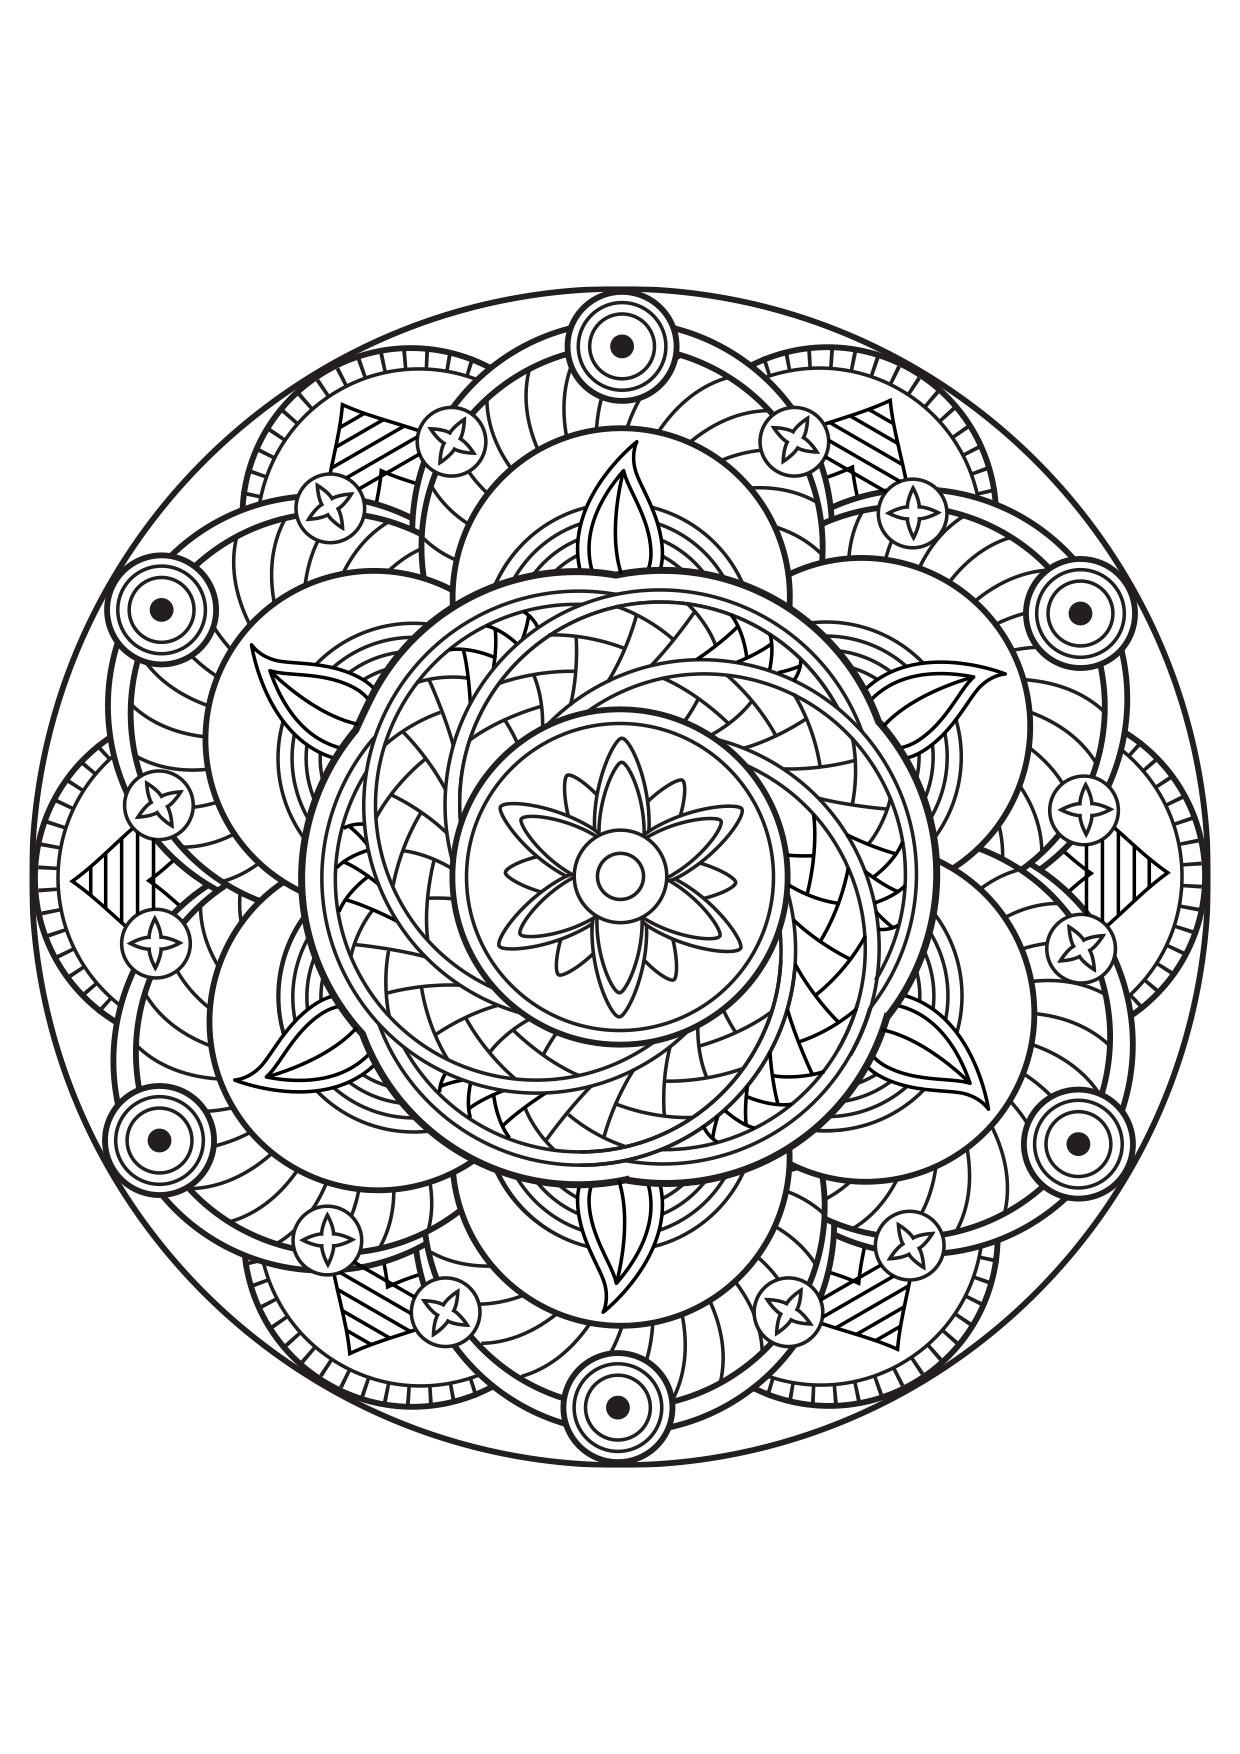 Coloriage Mandala - Coloriages Gratuits À Imprimer pour Coloriage En Ligne Mandala